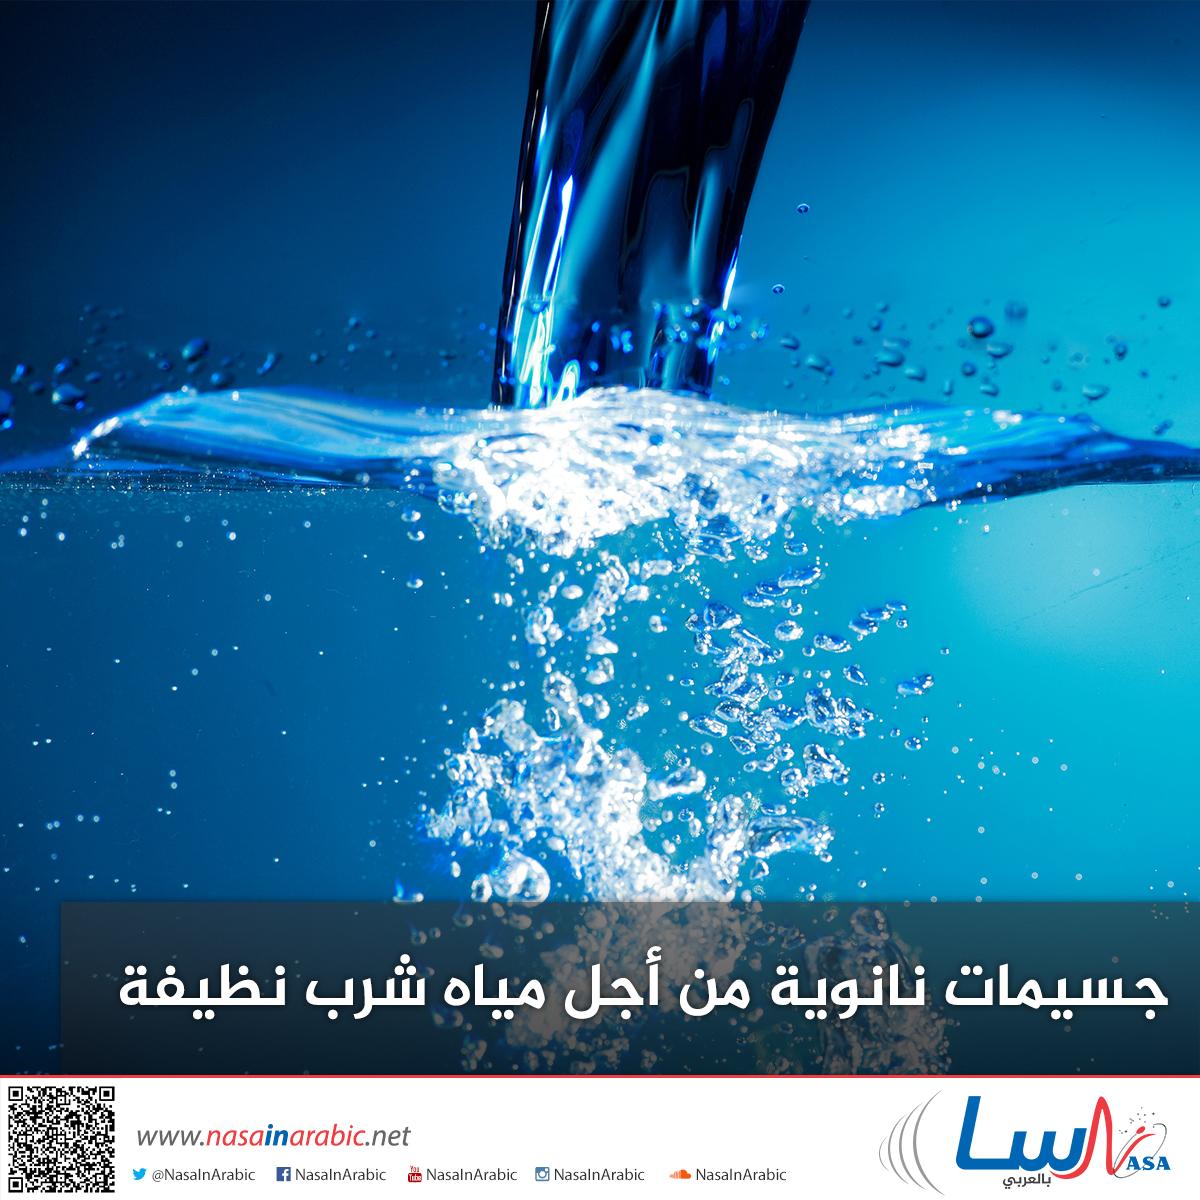 جسيمات نانوية من أجل مياه شرب نظيفة